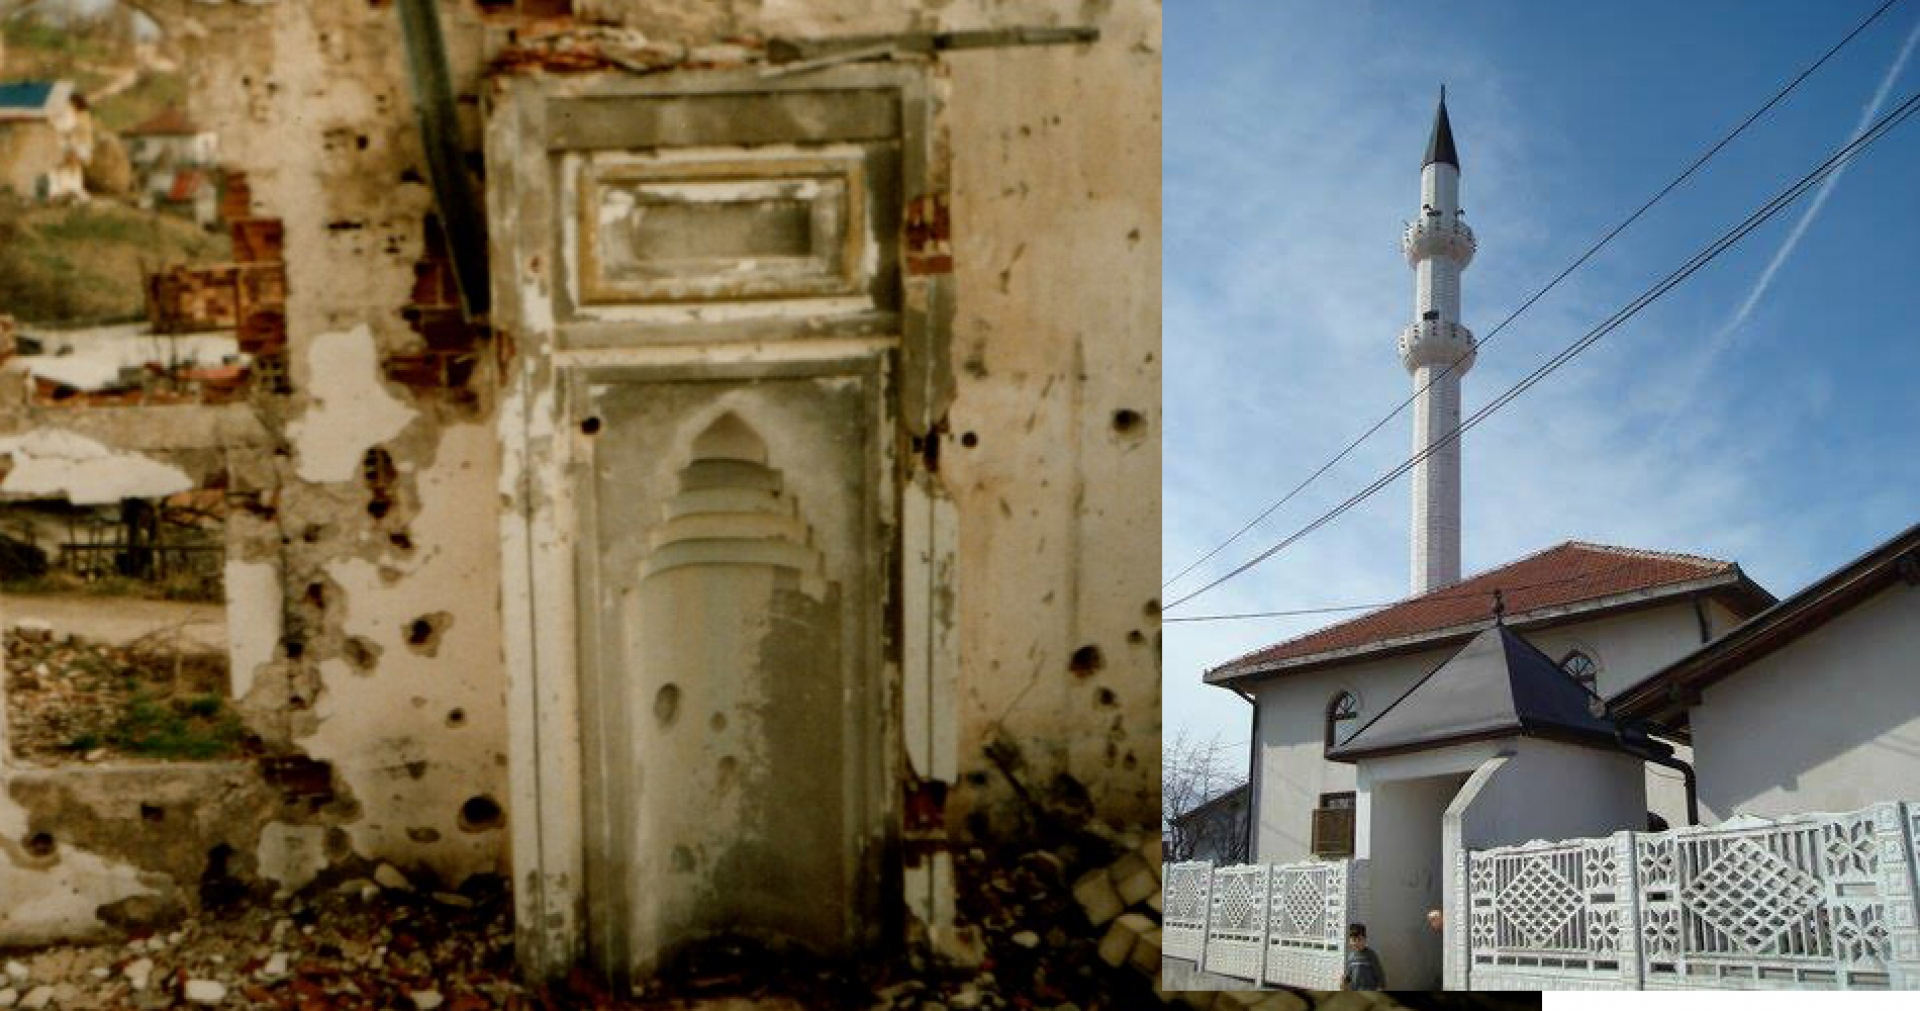 Džemat iznjedrio 6 hafiza, a džamiju morali napraviti za 10 dana